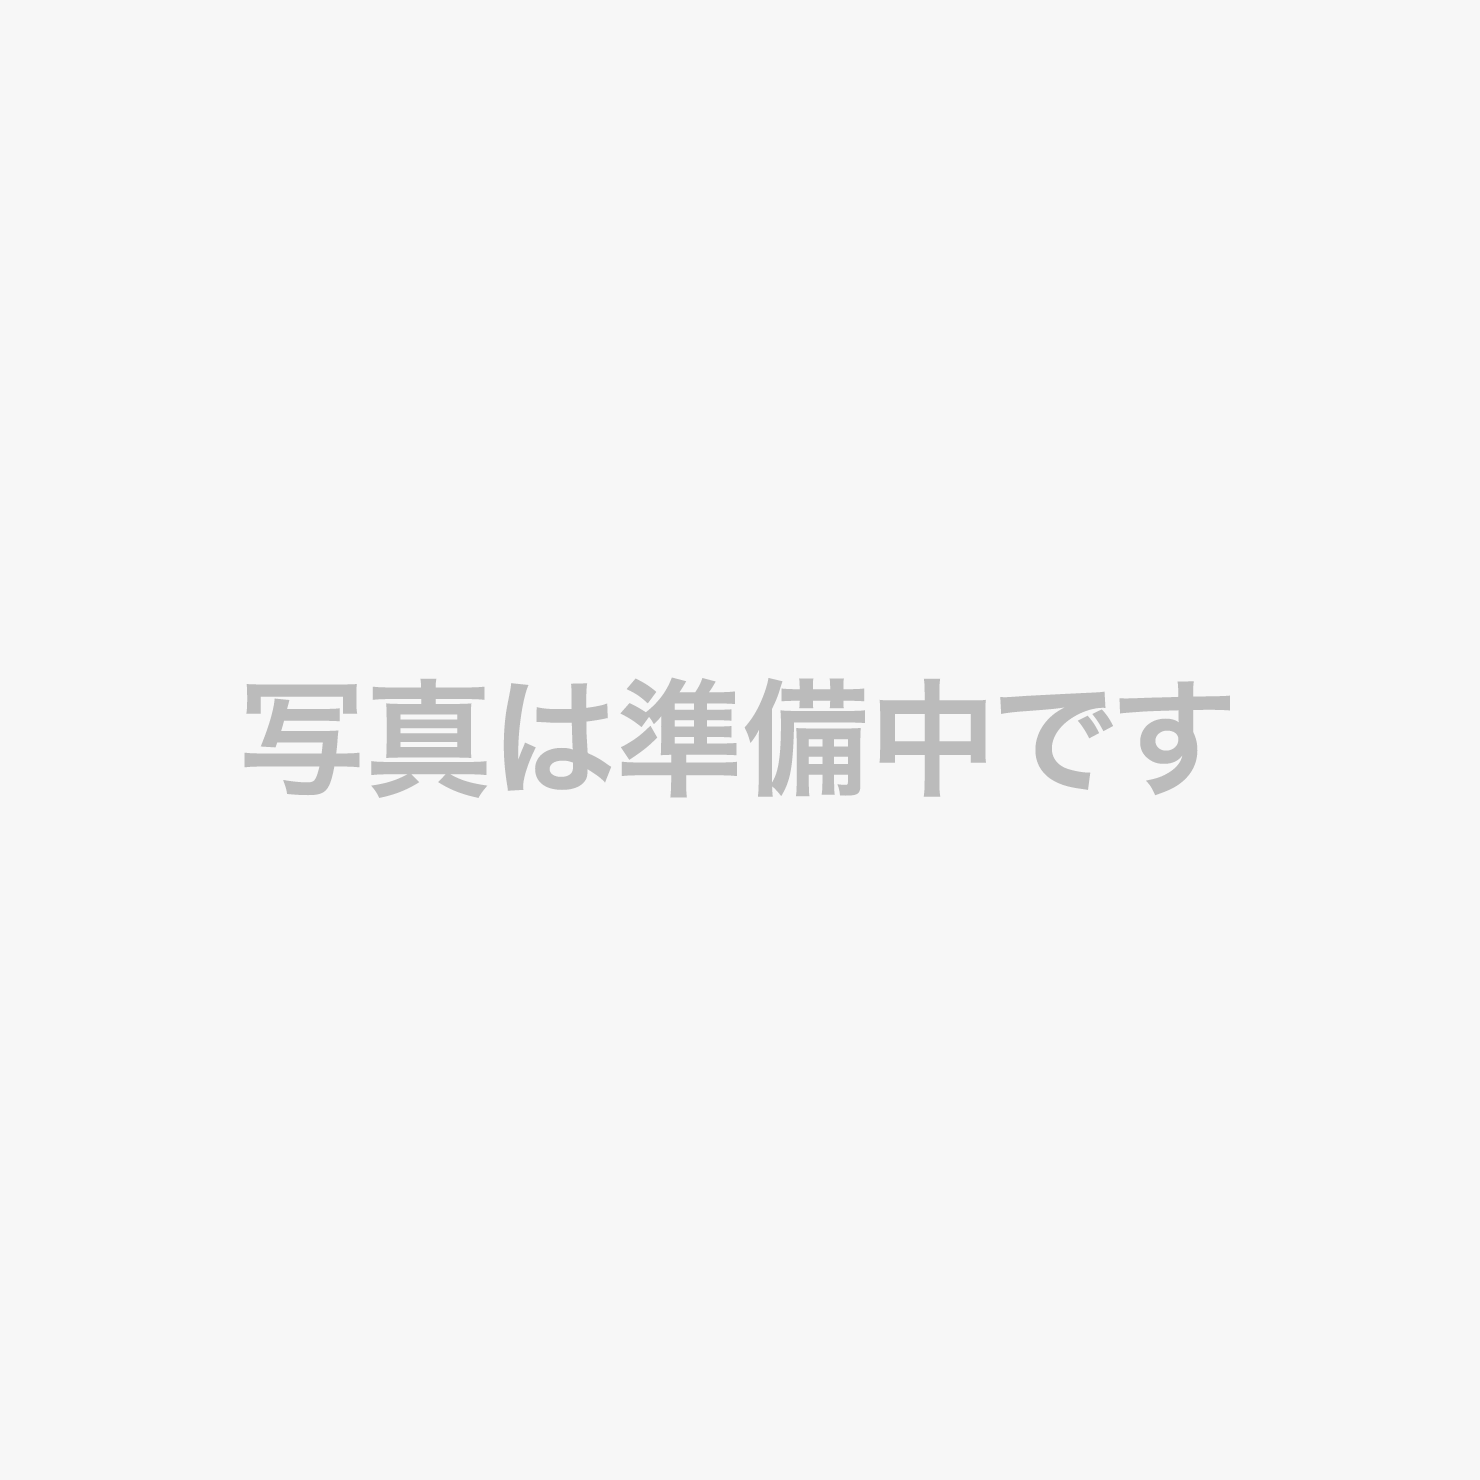 - ステーキセット - カフェボワールの人気メニュー!通常価格:1,980円